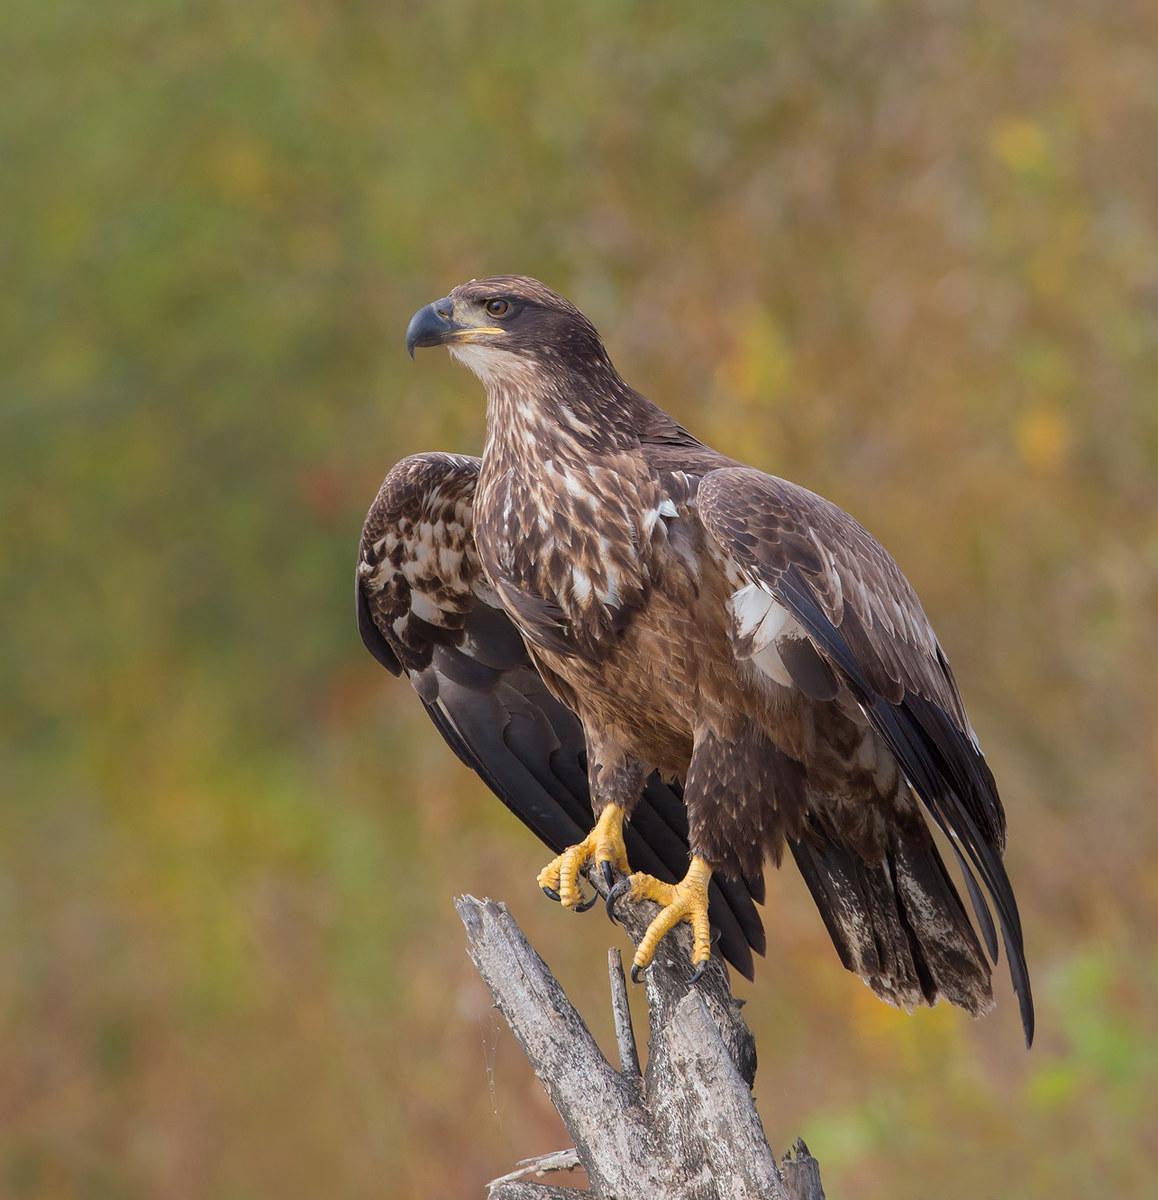 Bald Eagle - juvenille , image taken in Ontario, Canada...